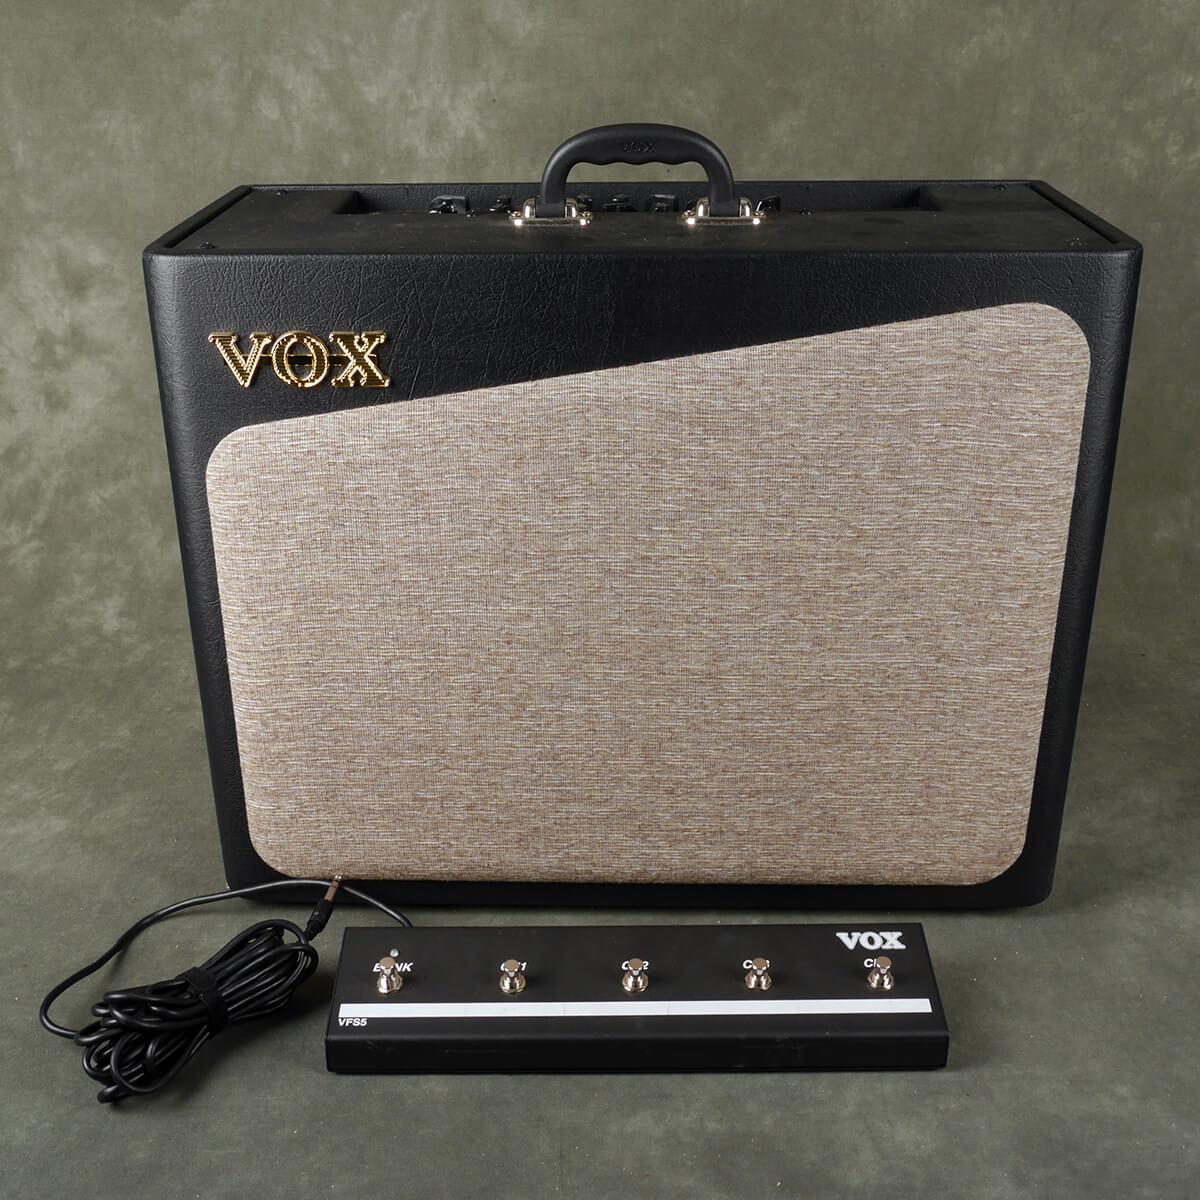 Vox AV60 Guitar Combo Amplifier - 2nd Hand